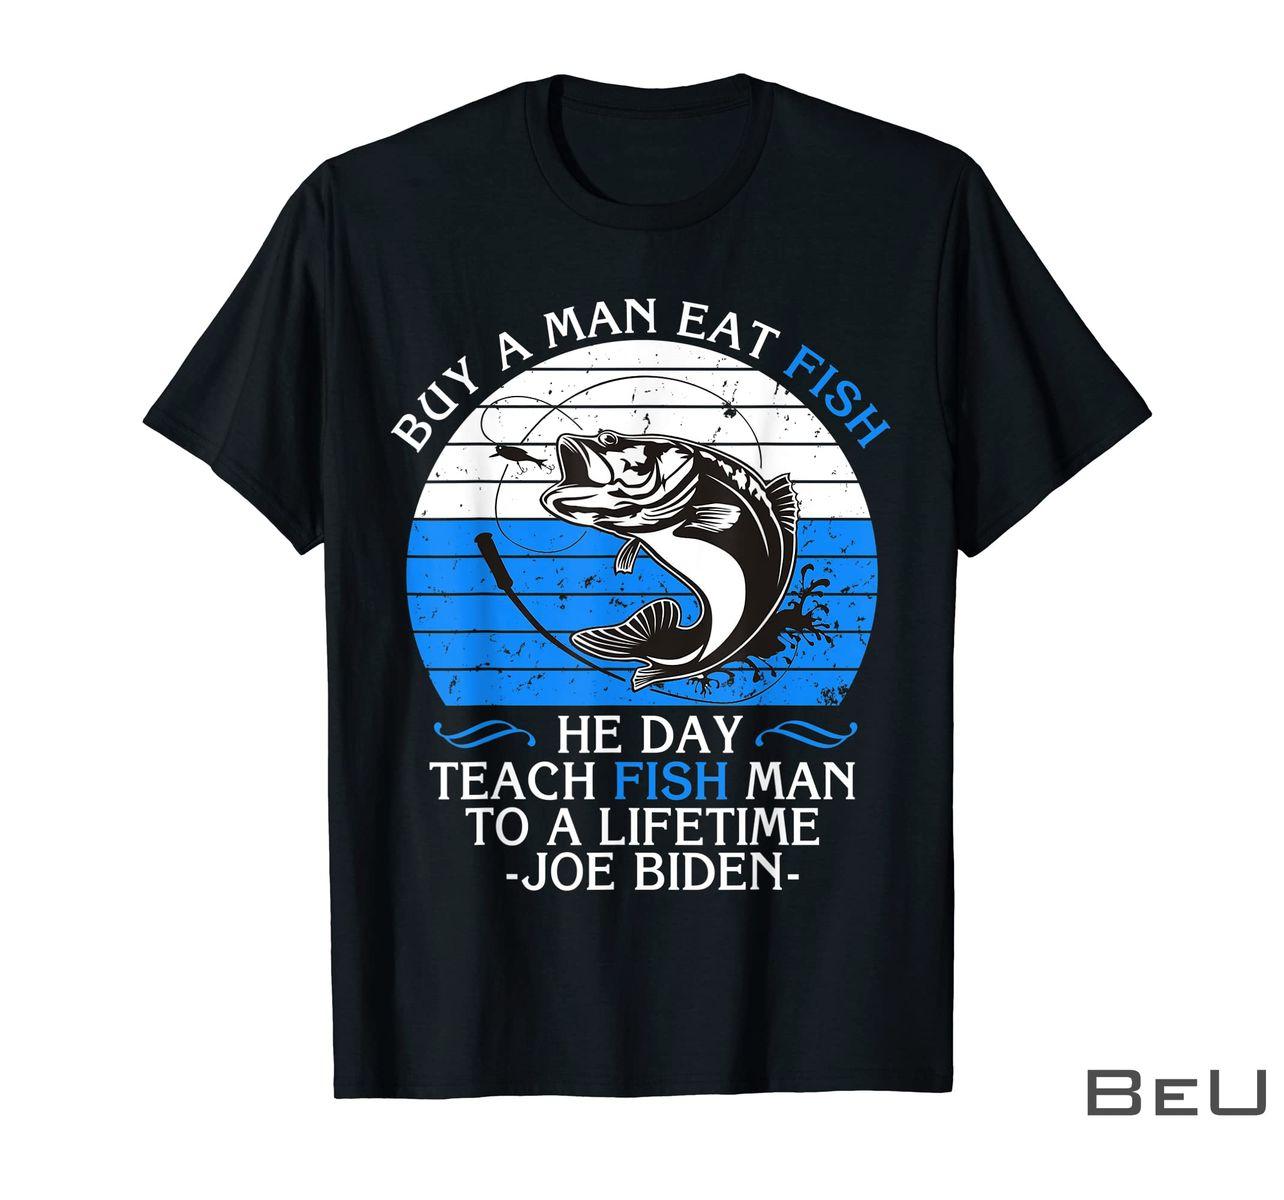 Fishing Buy A Man Eat Fish He Day Teach Fish Man To A Lifetime Joe Biden Shirt